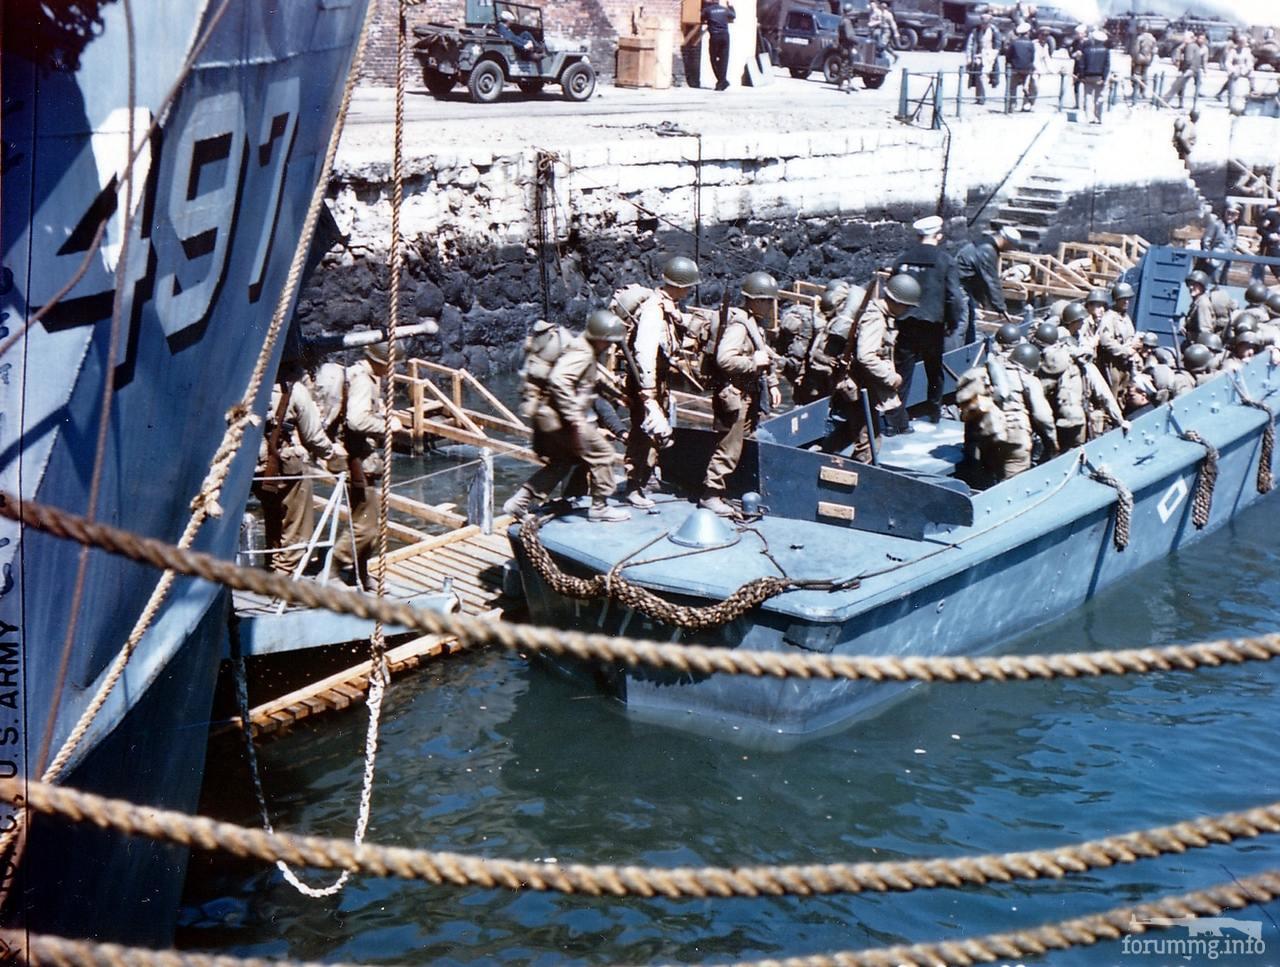 113614 - Военное фото 1939-1945 г.г. Западный фронт и Африка.